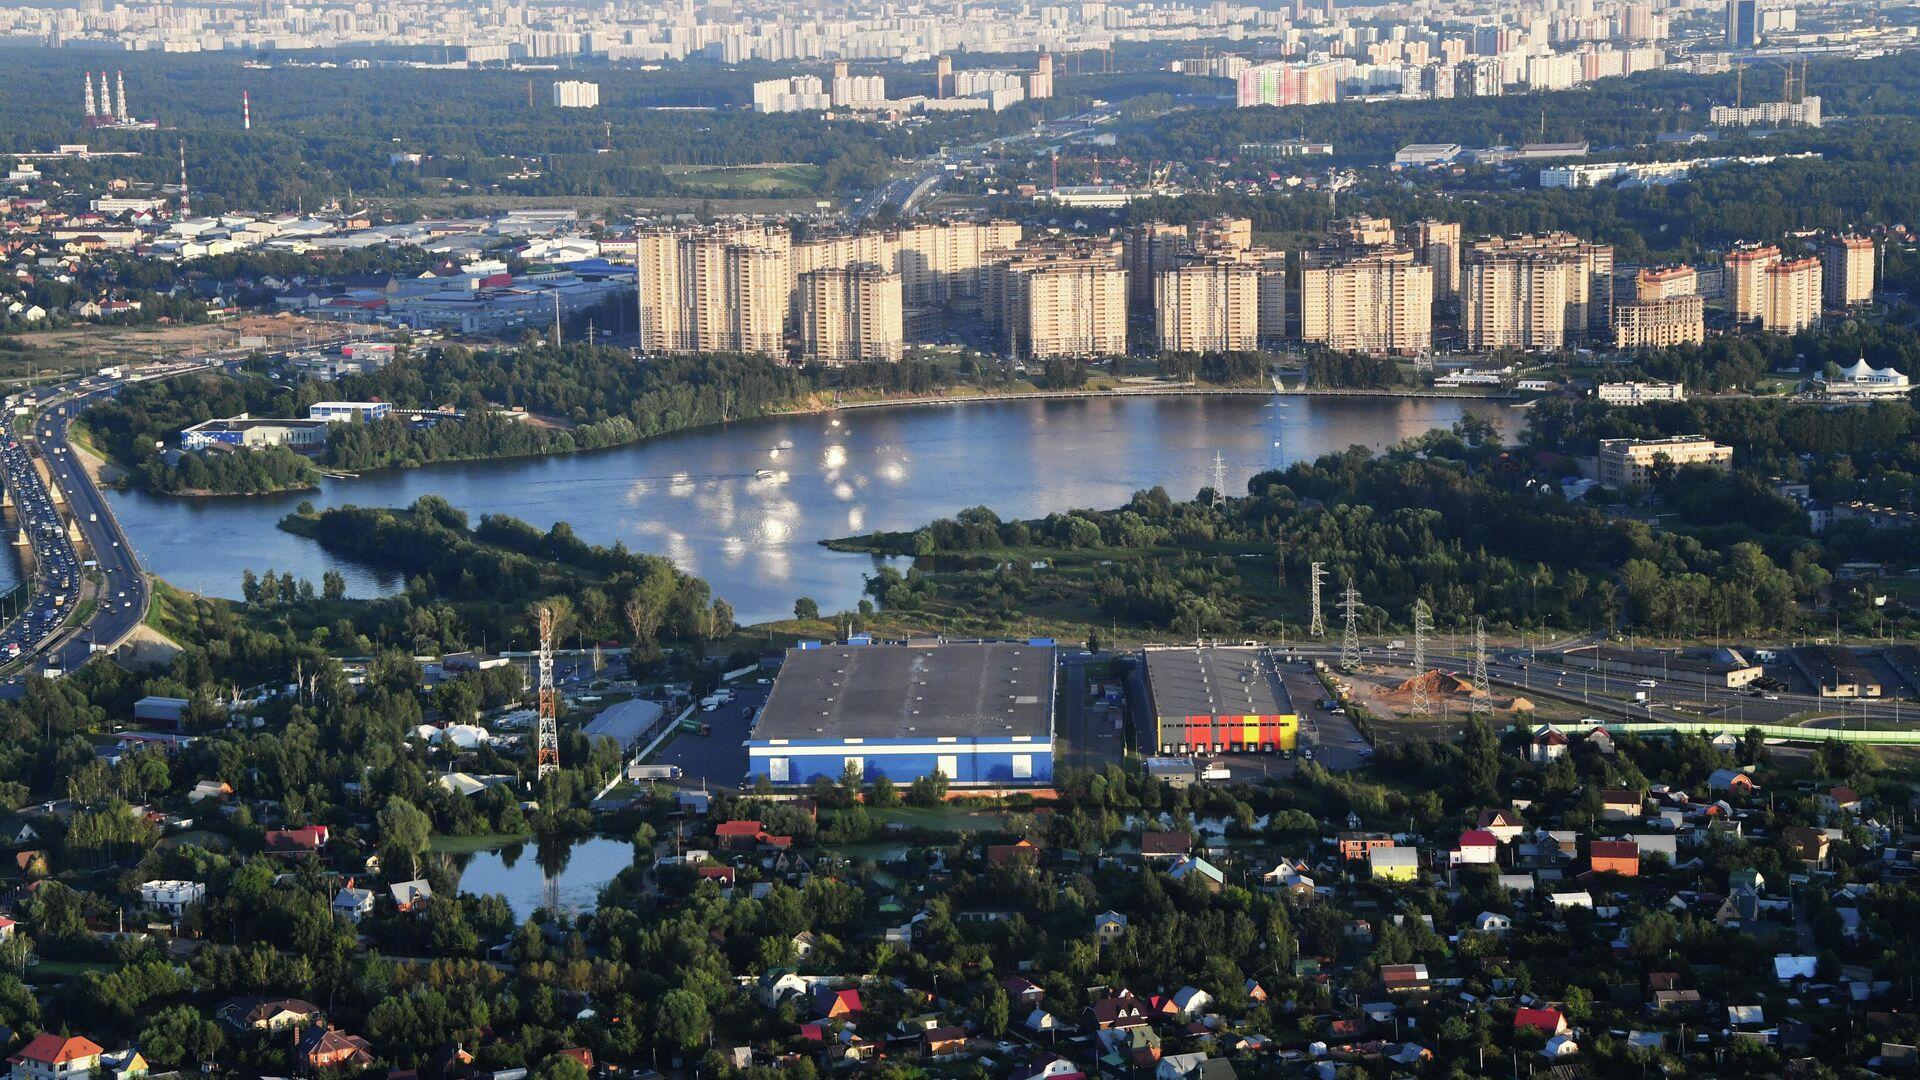 Застройка в районе канала имени Москвы в Долгопрудном - РИА Новости, 1920, 15.01.2021